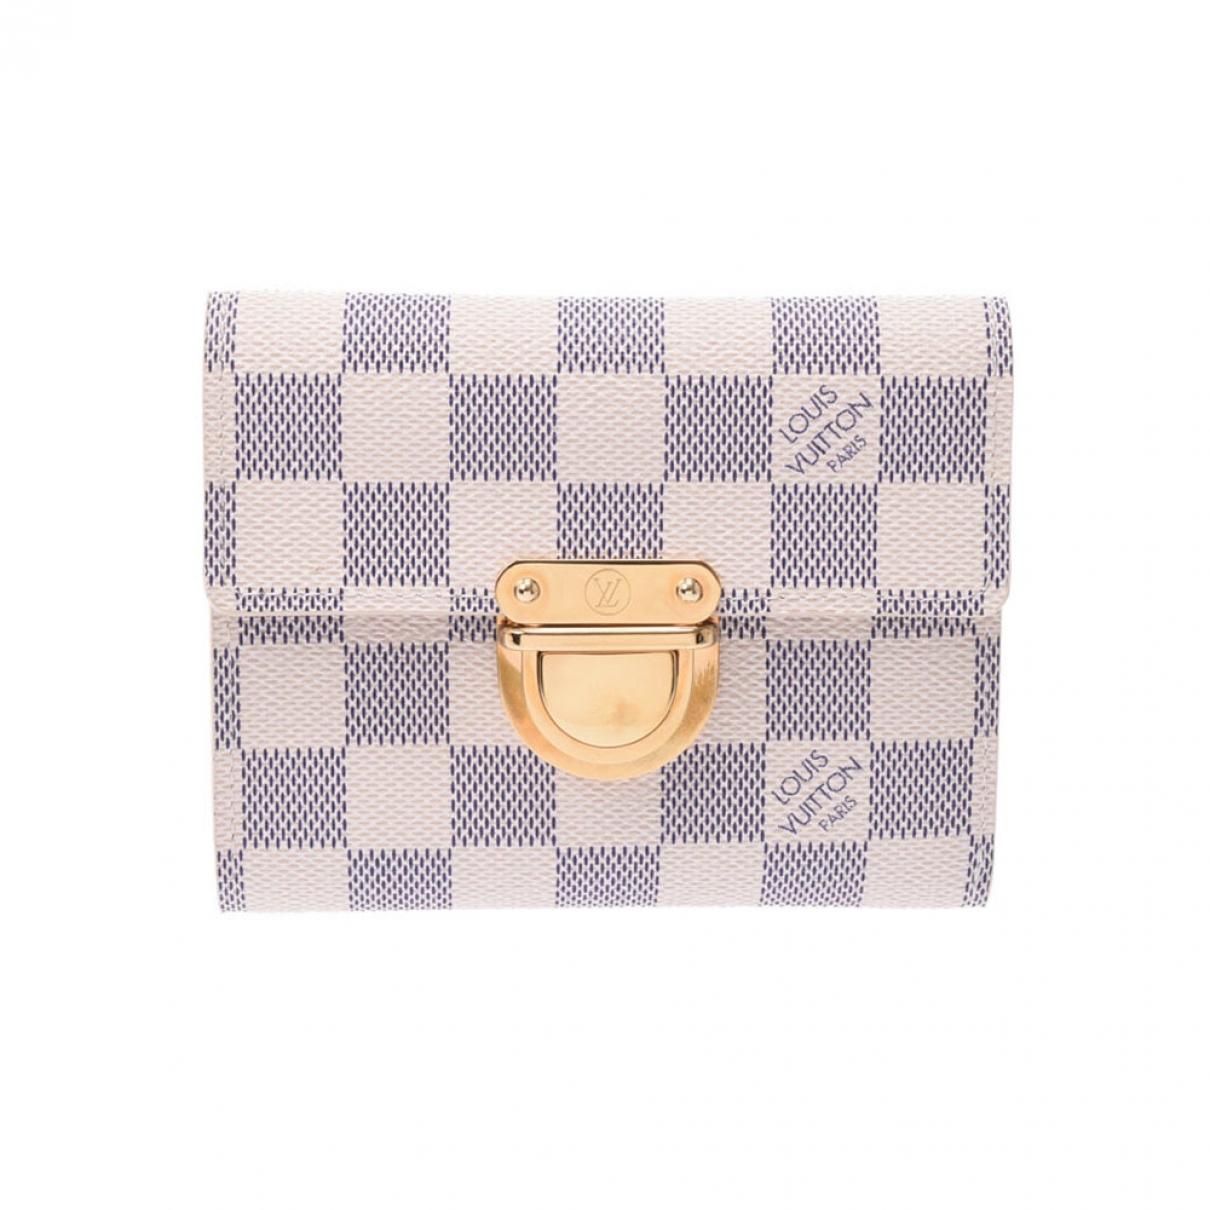 Louis Vuitton - Portefeuille Koala pour femme en toile - blanc